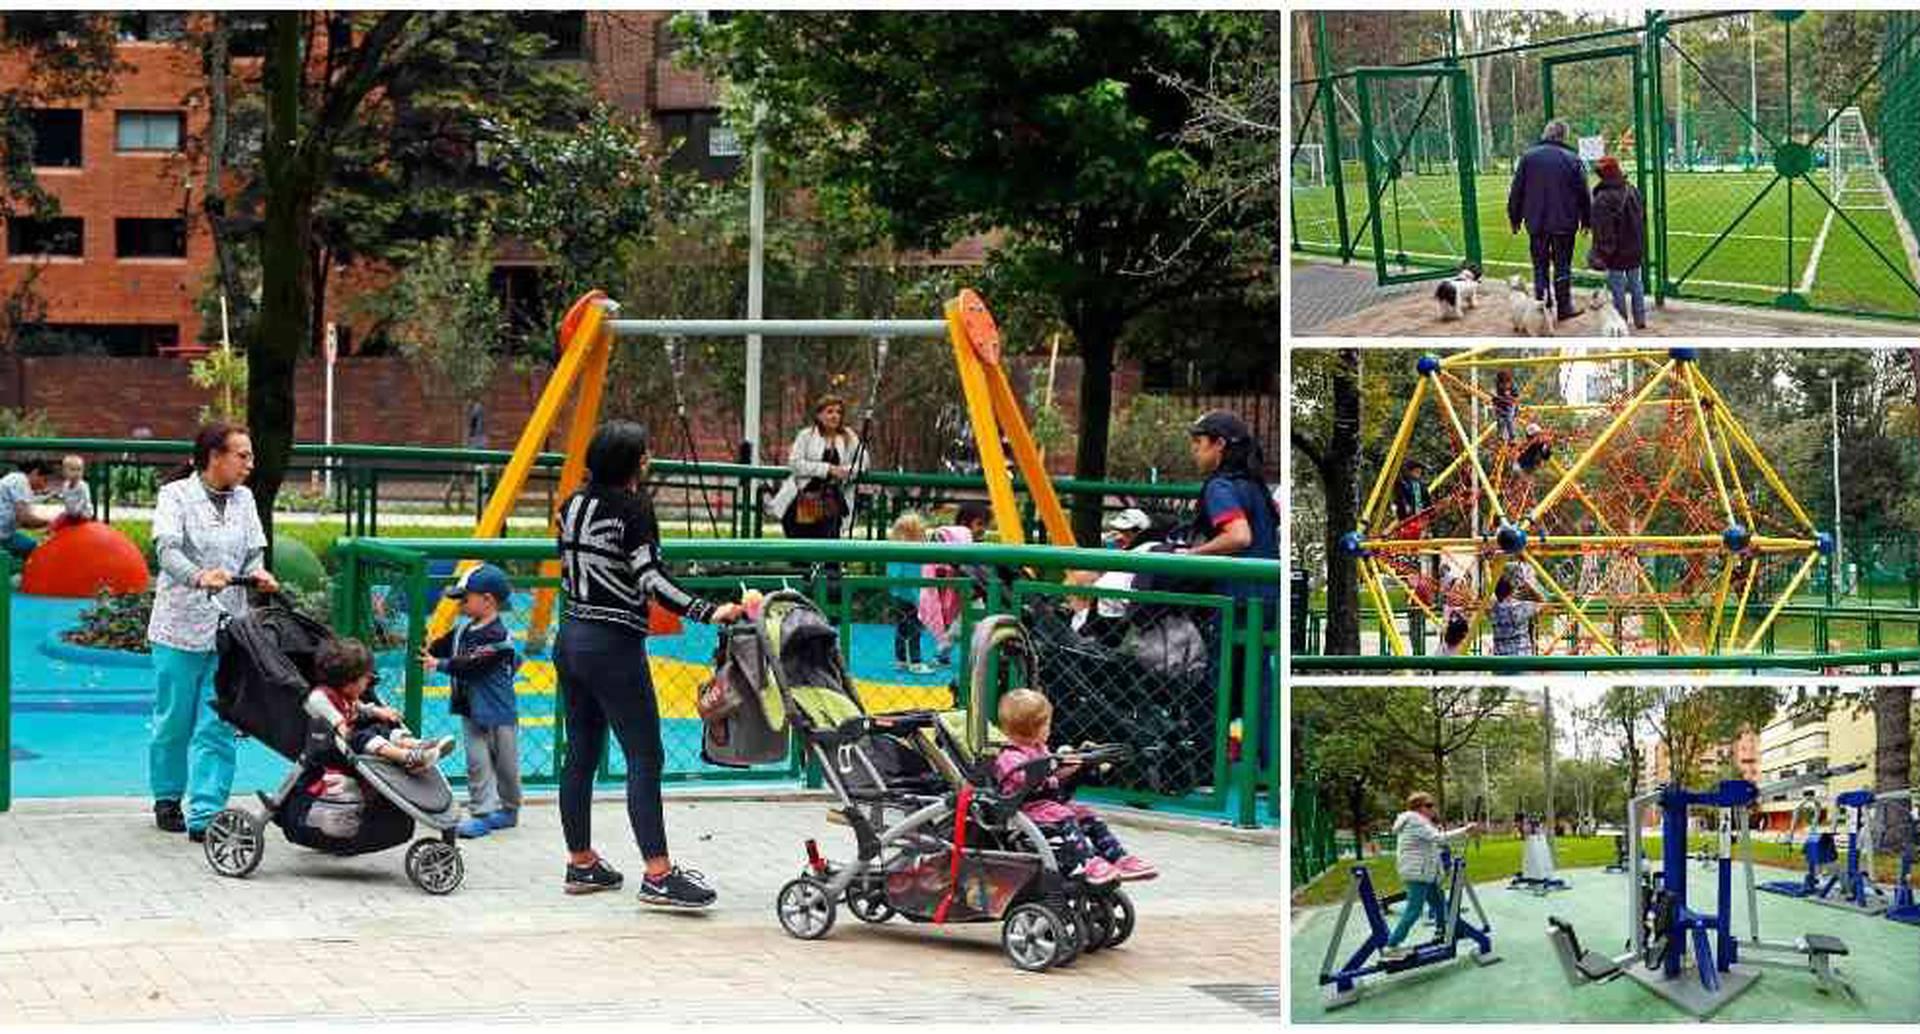 Así quedó el parque El Japón después de tantas polémicas.